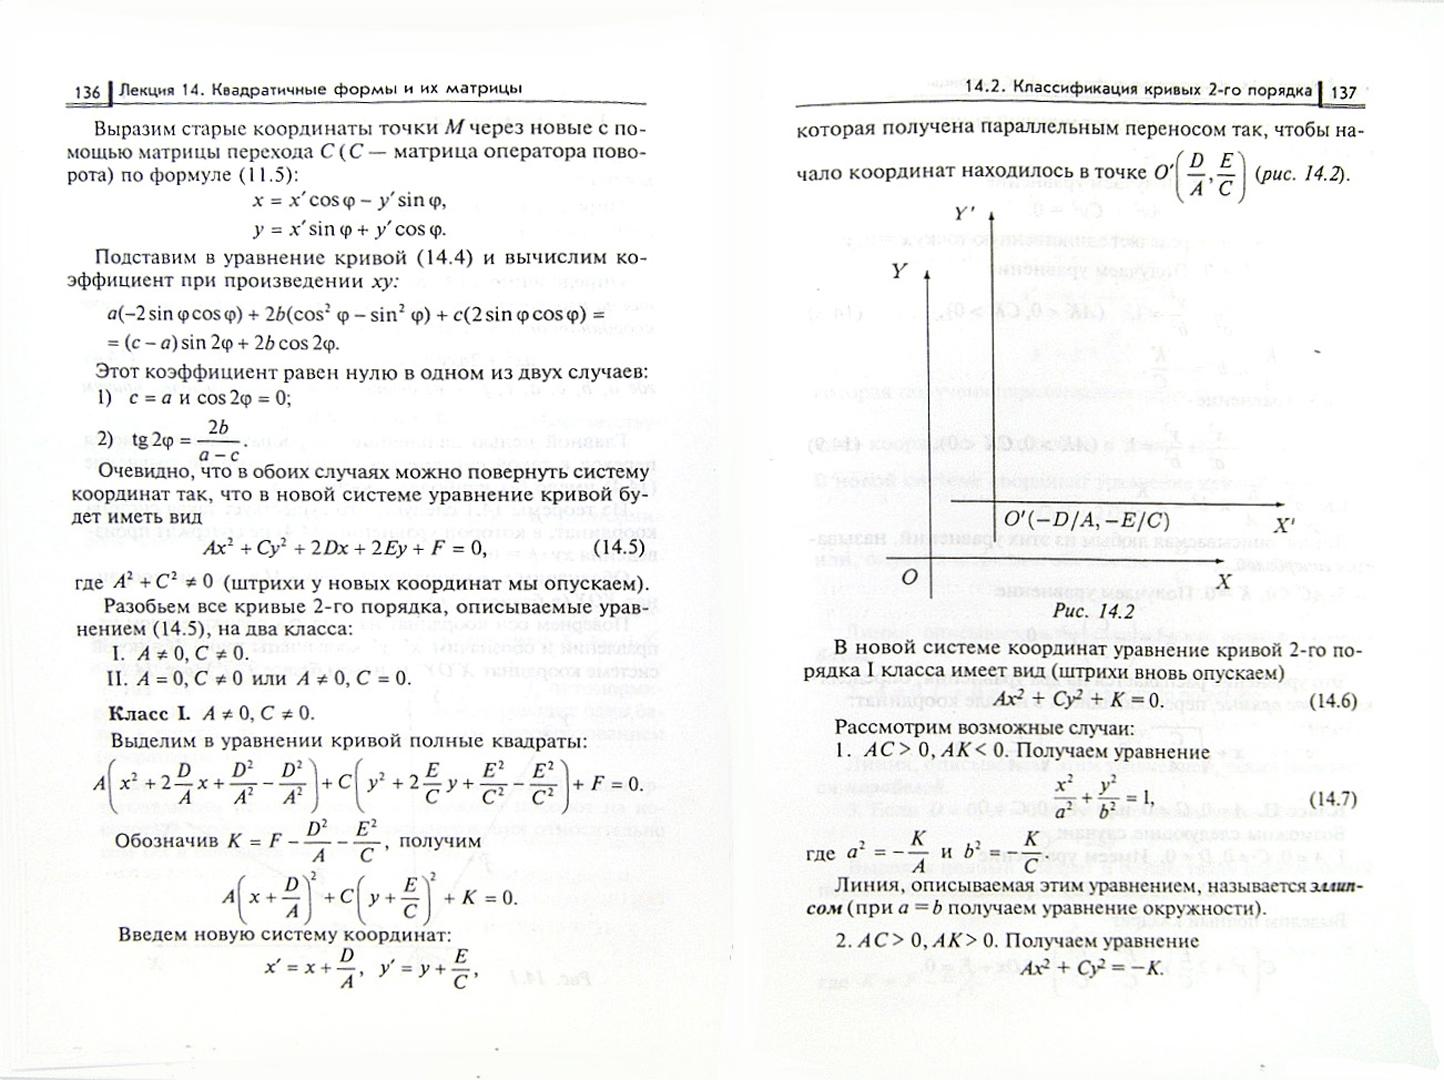 Иллюстрация 1 из 13 для Линейная алгебра и аналитическая геометрия. Учебный комплекс для вузов - Ольга Зимина | Лабиринт - книги. Источник: Лабиринт